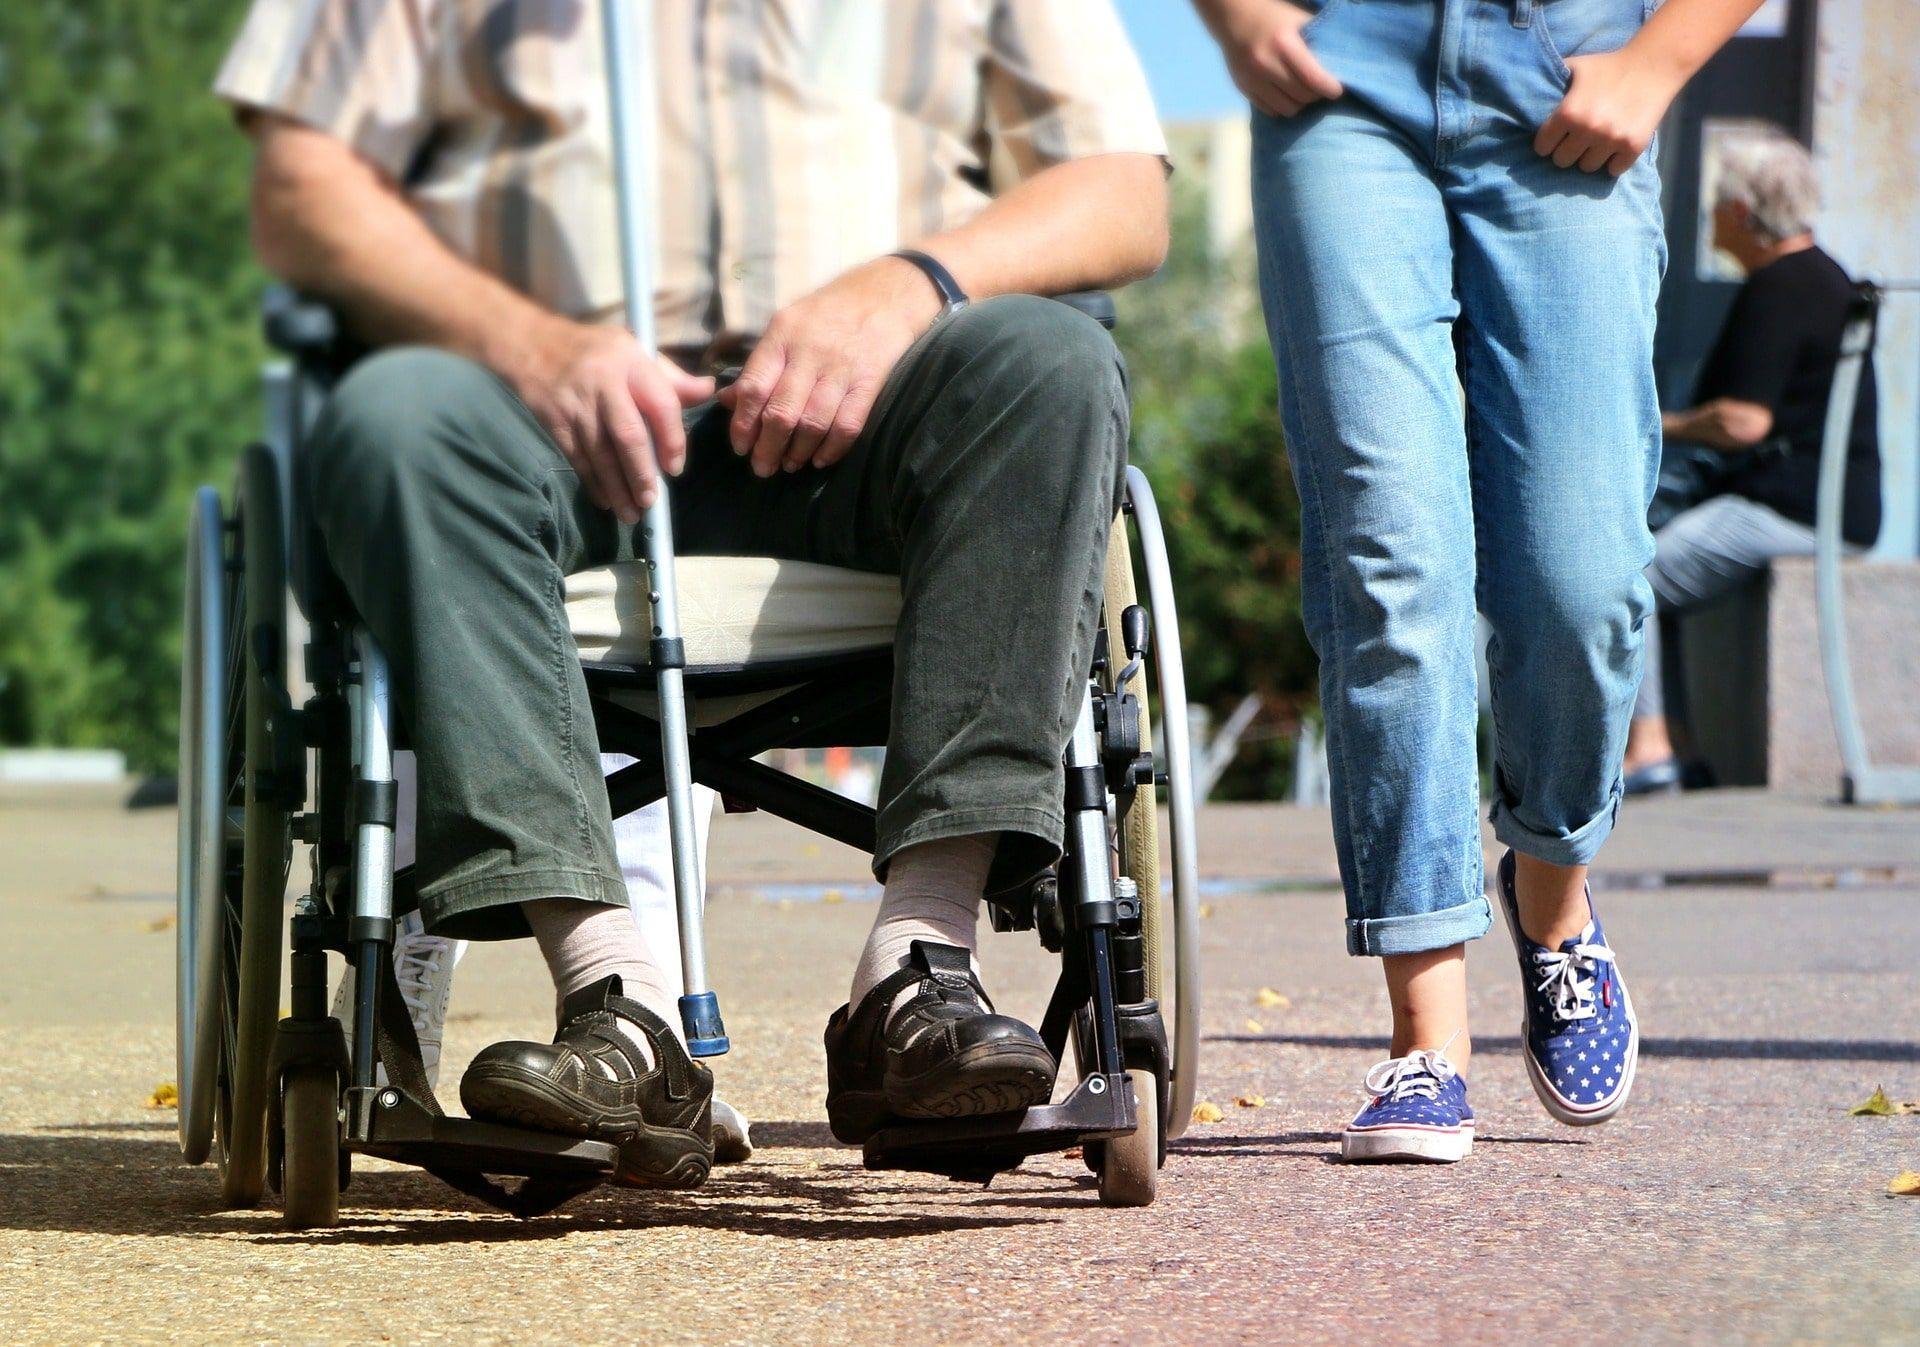 Работодателей не будут штрафовать за отсутствие рабочих мест для людей с инвалидностью